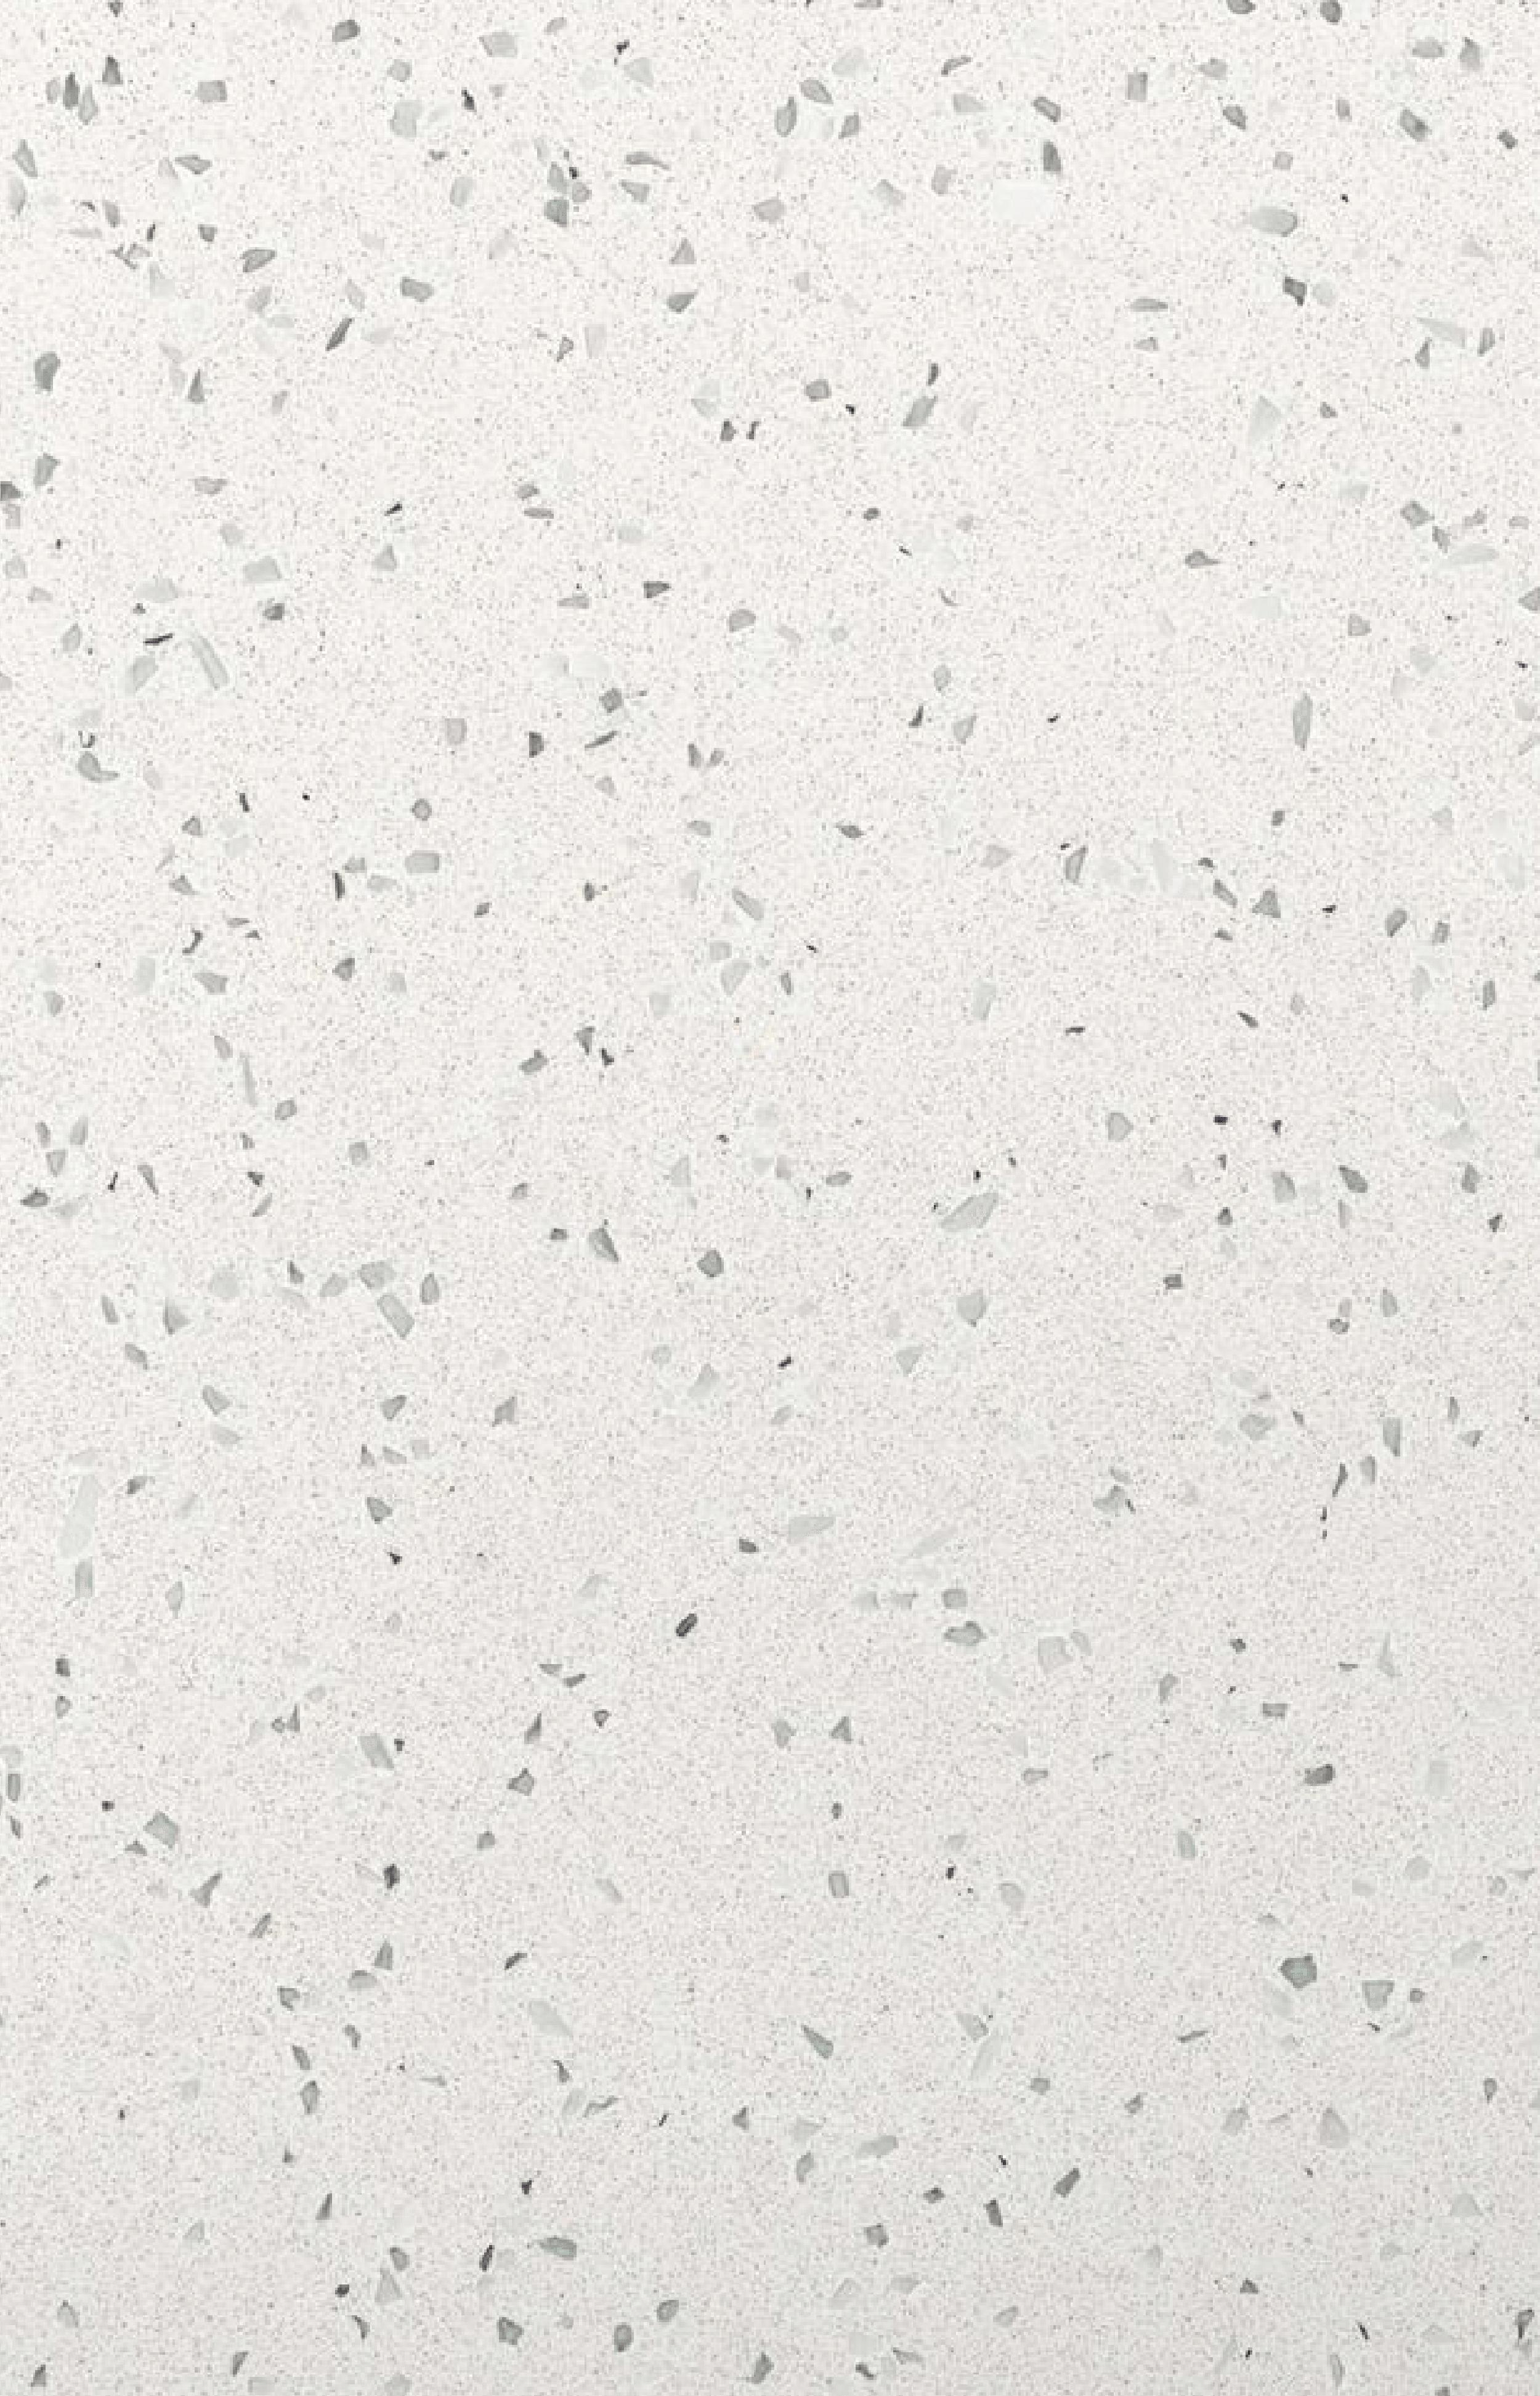 Quartz Countertop 4152